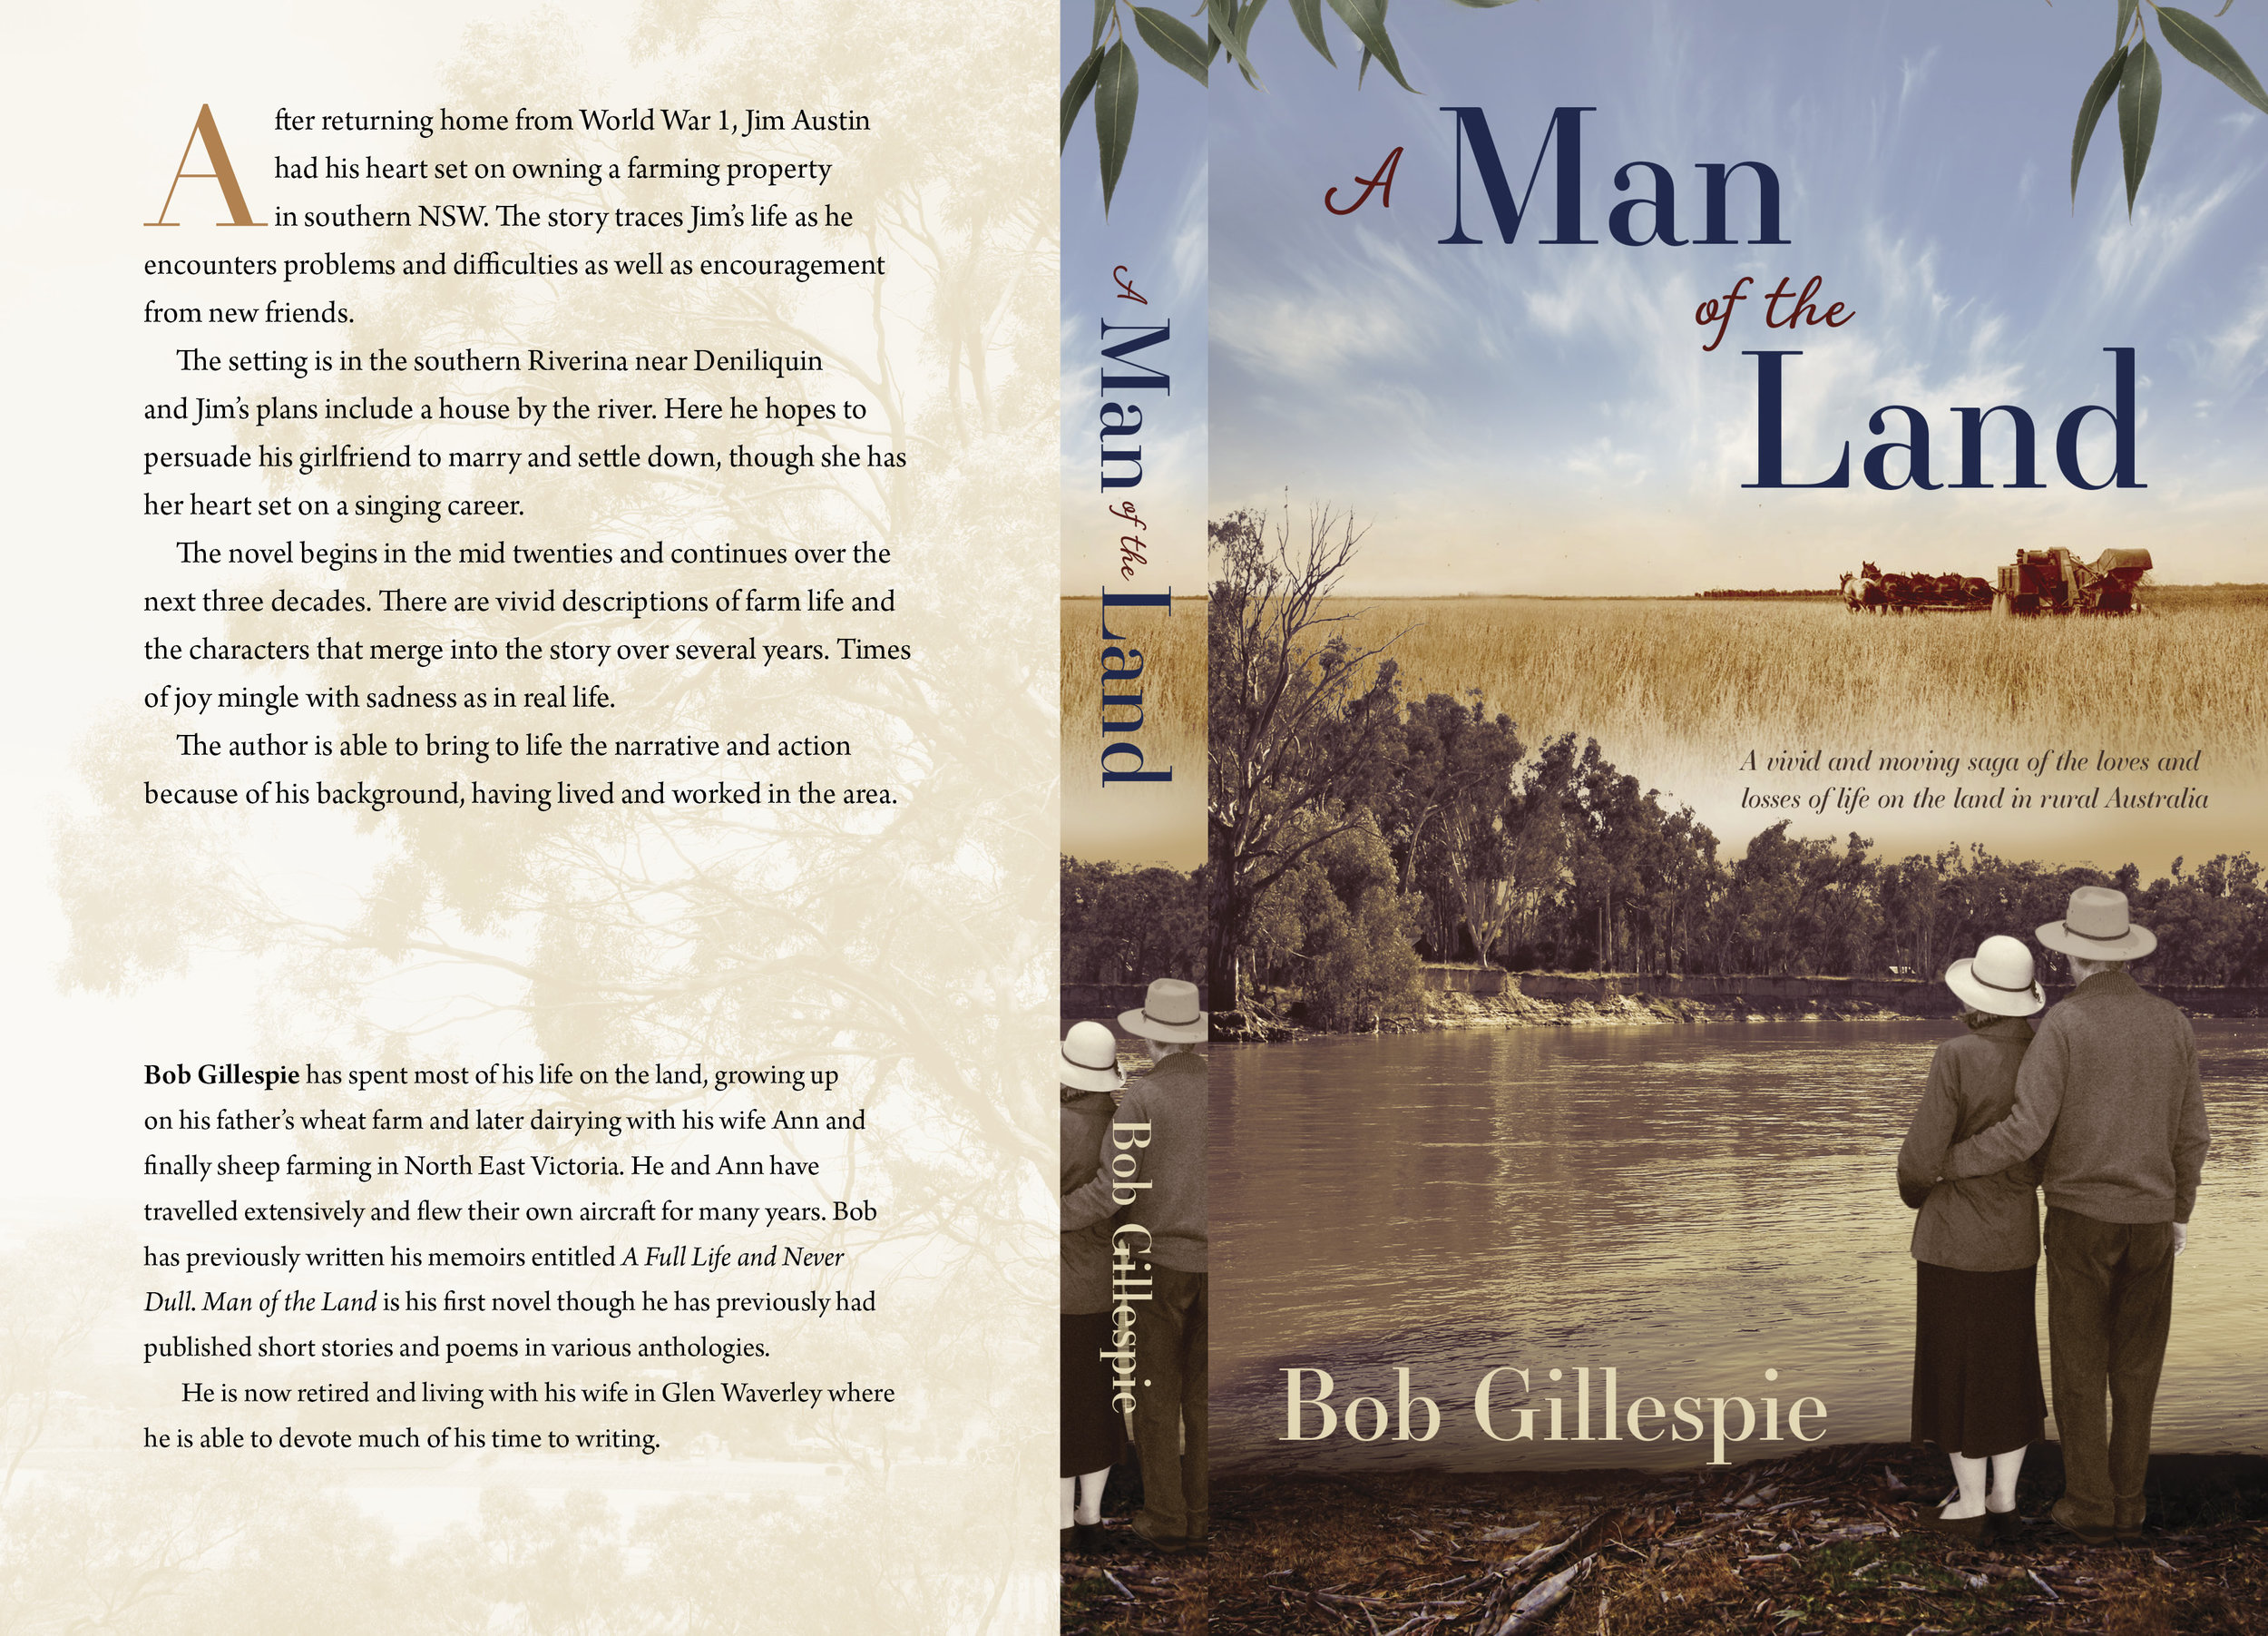 Man of the Land_full cover.jpg